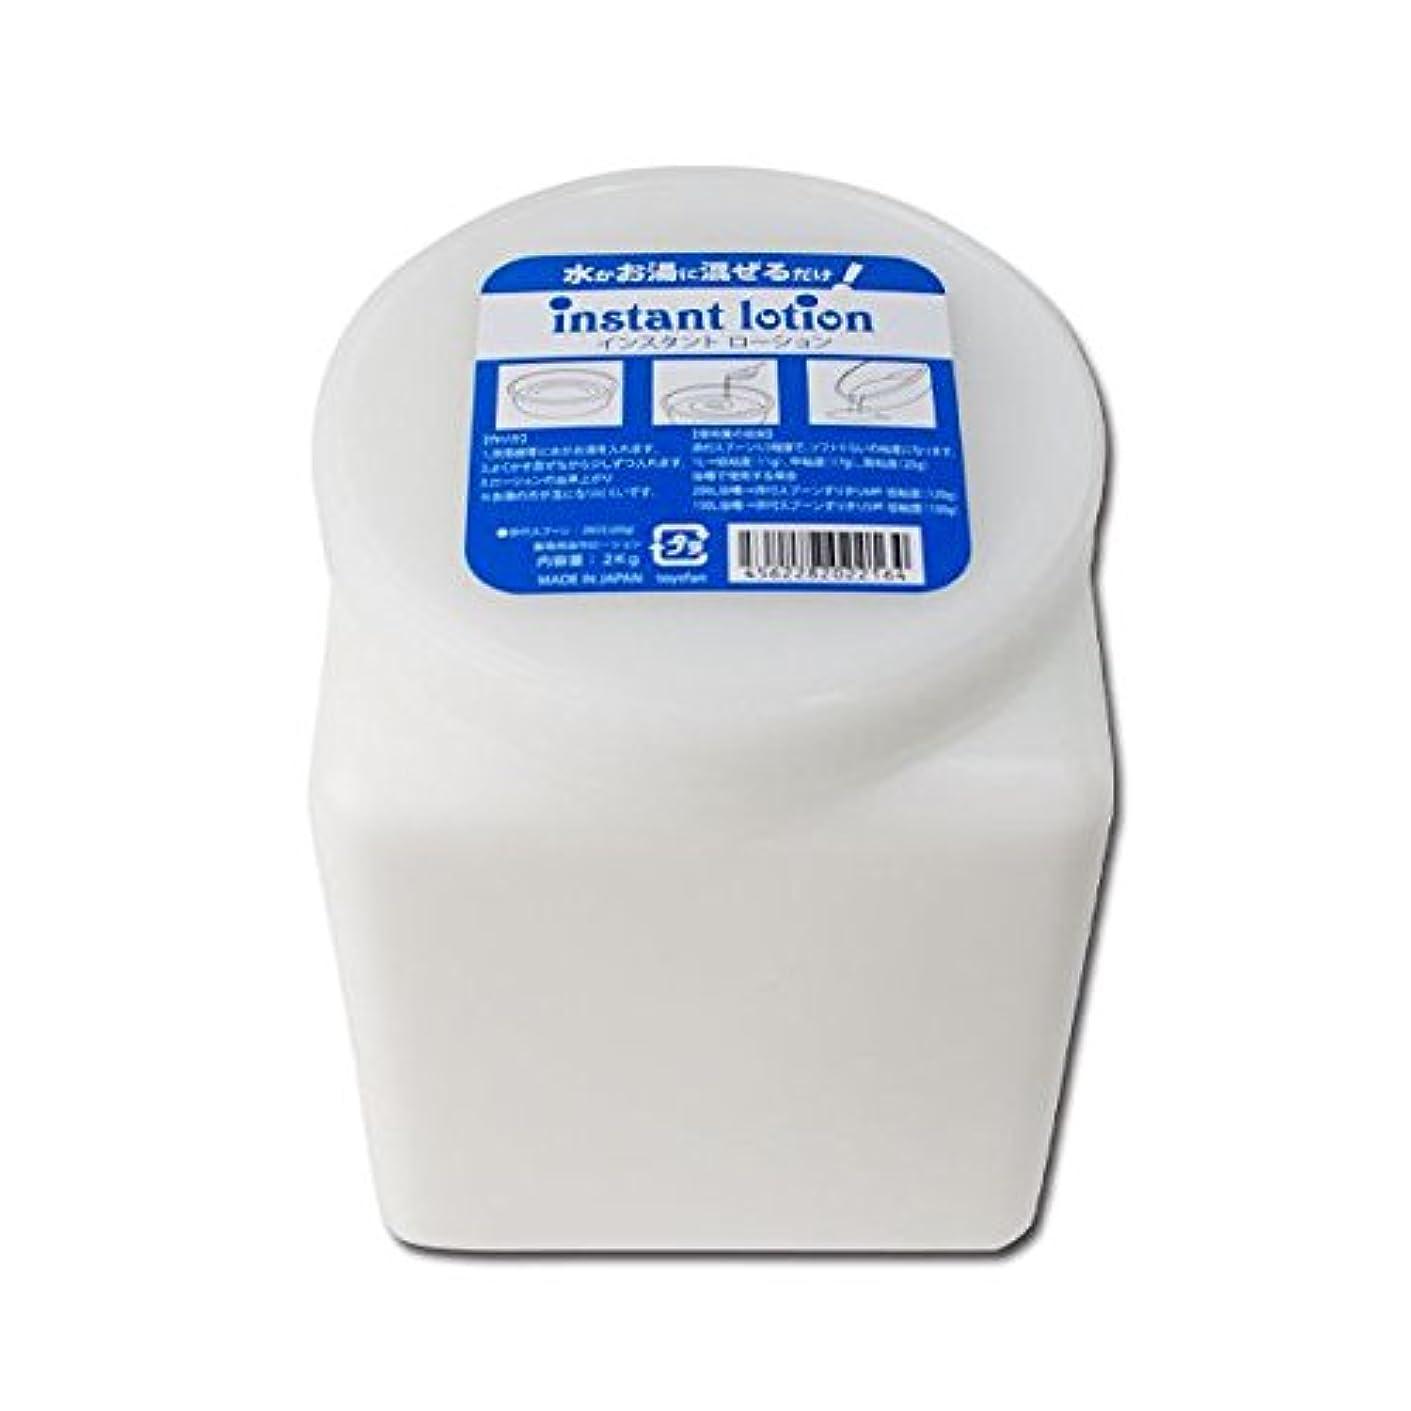 小さな強います冷蔵庫インスタントローション2kg 簡単業務用自作ローション│お徳用ローションの素/特大粉ローション/業務用サイズ自作ローション